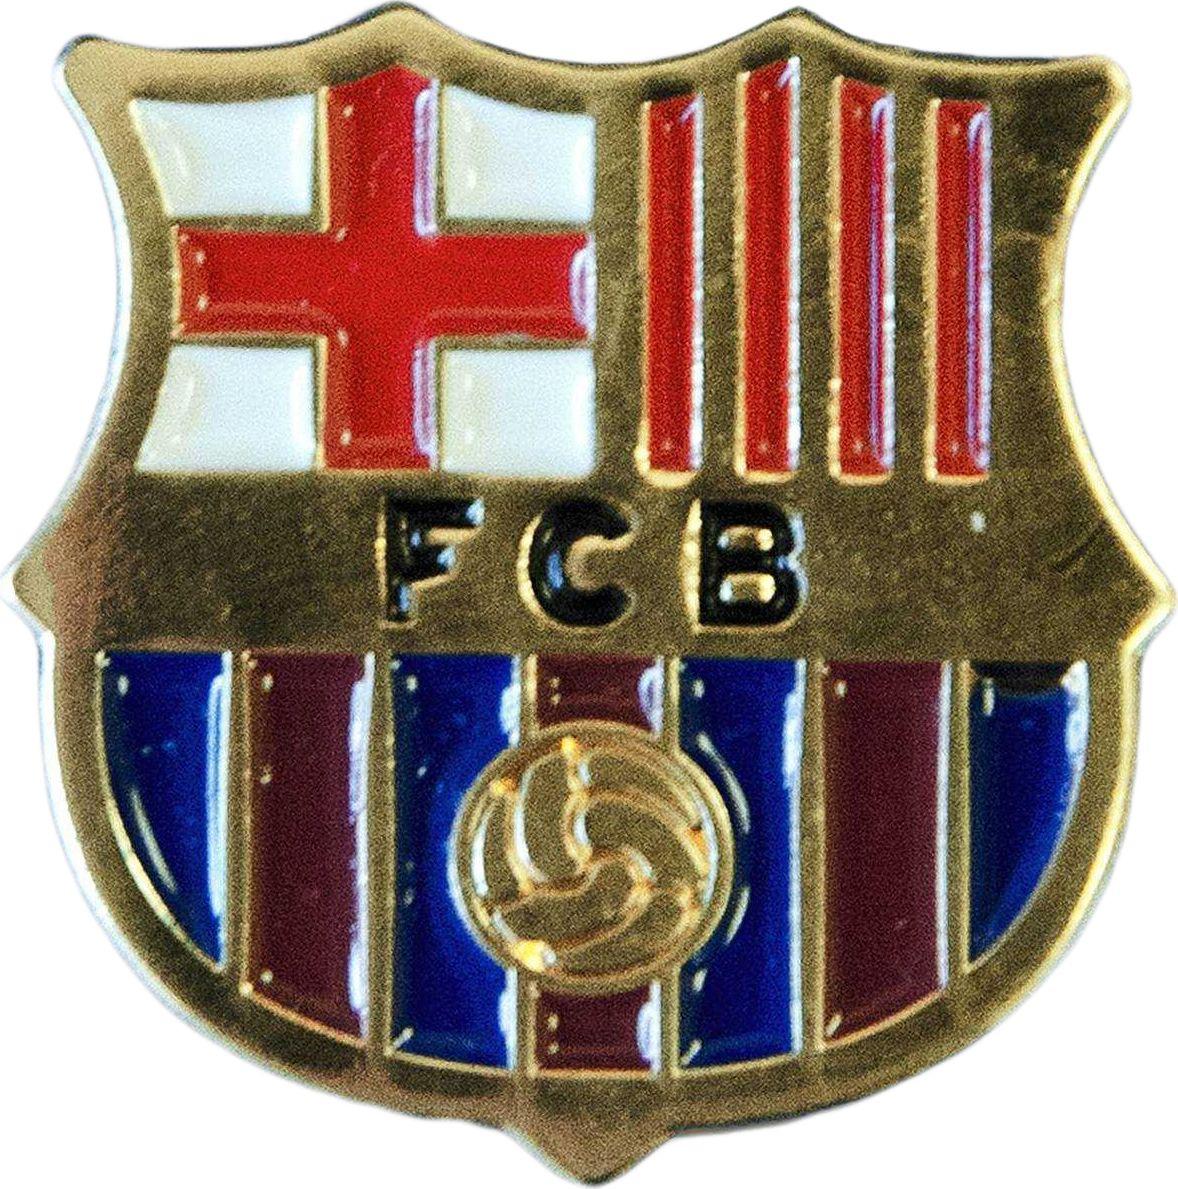 Значок Atributika & Club Barcelona, цвет: красный, синий. 1932019320Значок Atributika & Club выполнен из металла в виде символики вашего любимого клуба. Значок дополнен застежкой цанга-бабочка. Застежка представляет собой диск, который фиксируется на гвозде за счет фиксатора. Длина: 2 см.